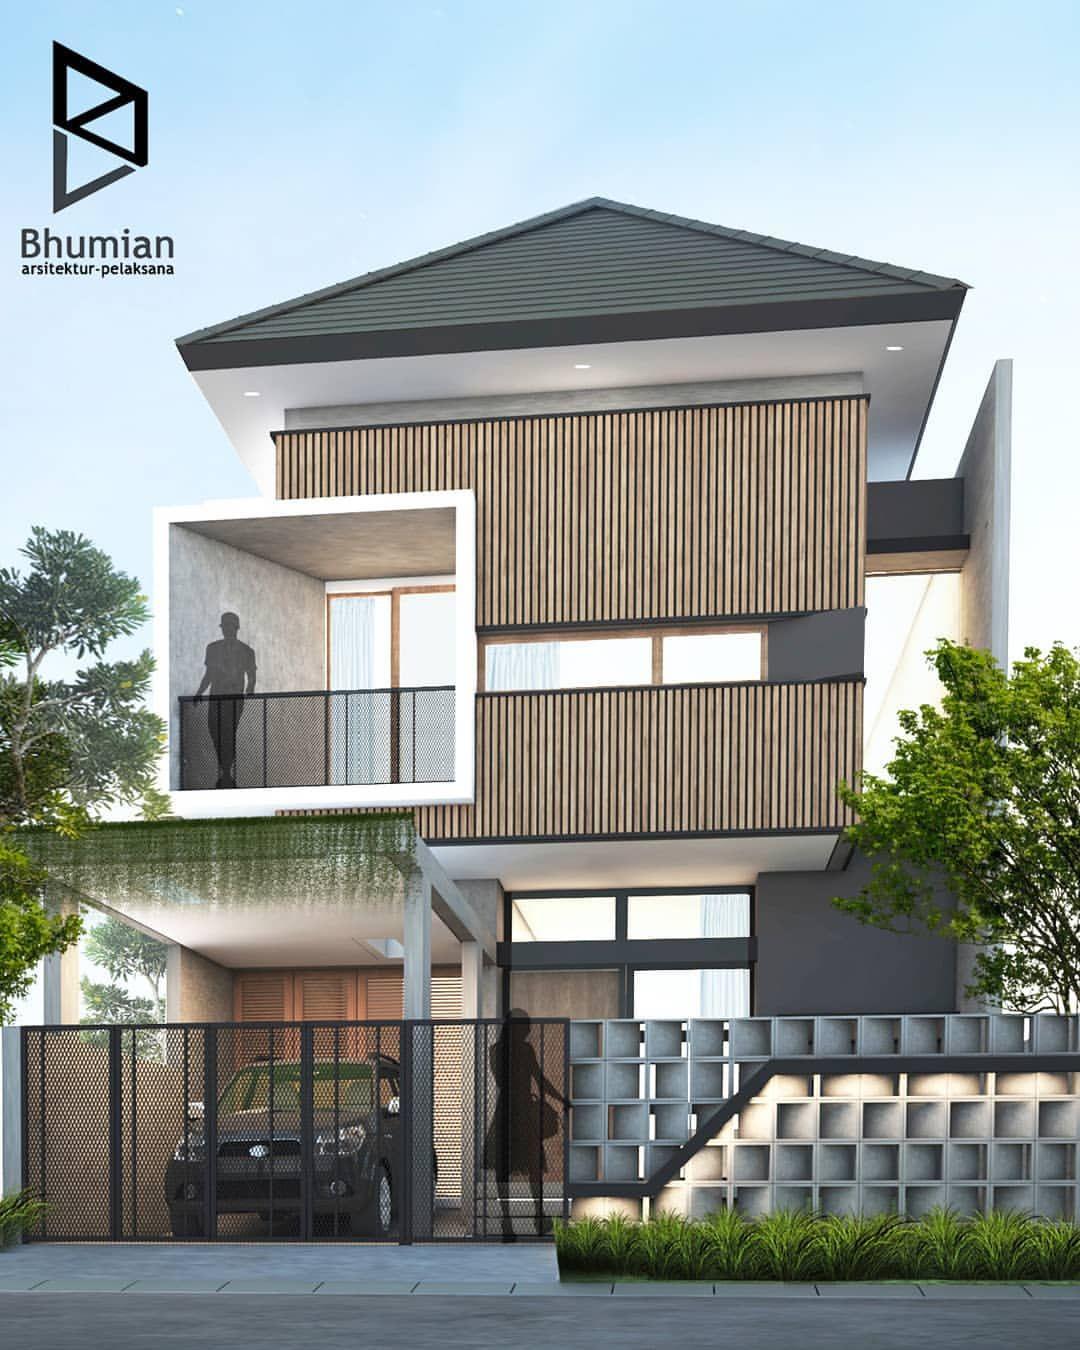 Desain Rumah Berkonsep Minimalis Kontemporer Dengan Permainan Kayu Sebagai Aksen Fasad Membuat Rumah Ini Terli Desain Rumah Kontemporer Rumah Kontemporer Rumah